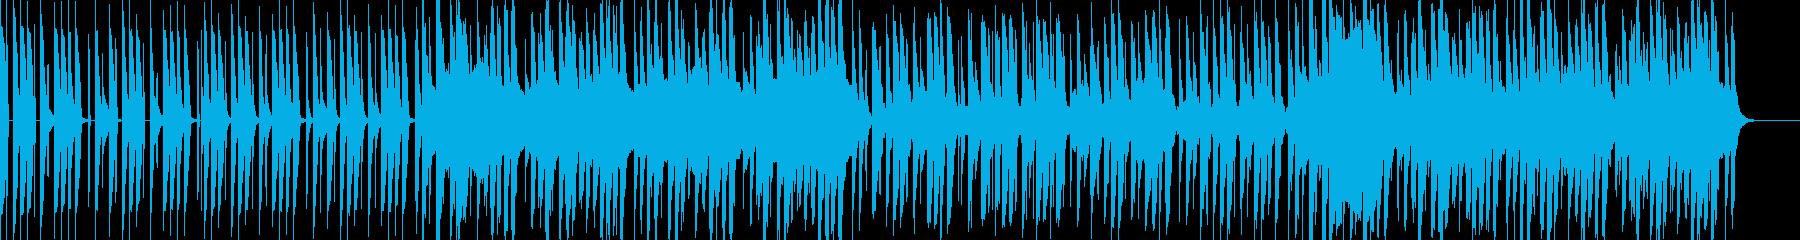 子供や動物の可愛い姿にフィットする音楽の再生済みの波形